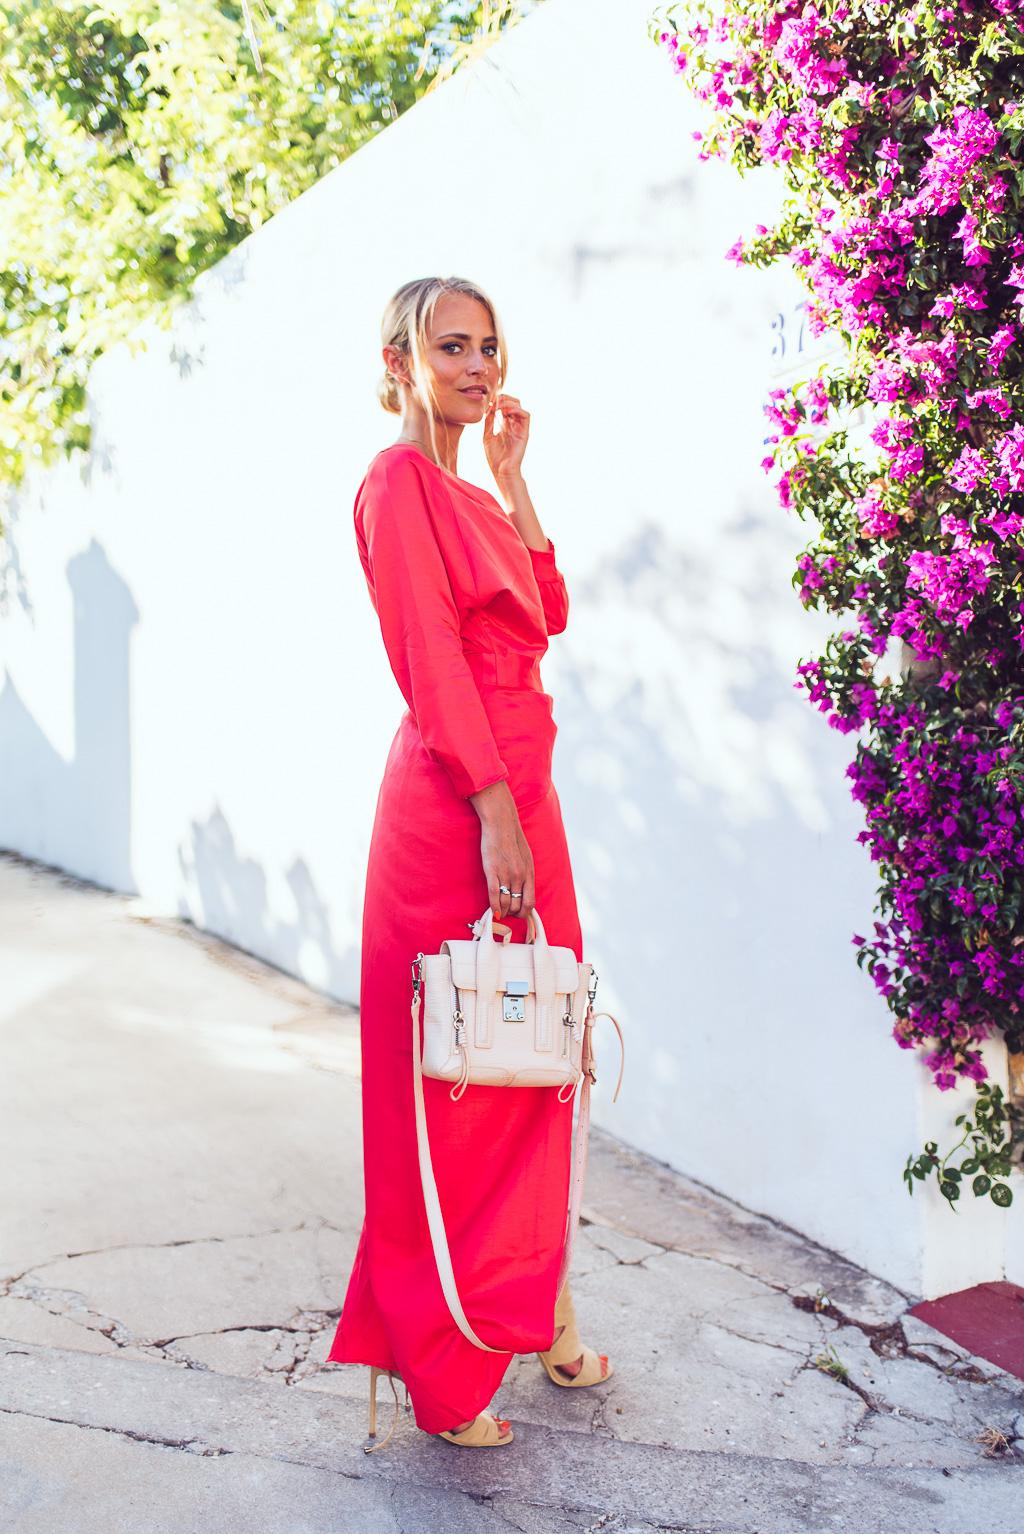 janni-deler-red-dressDSC_7844